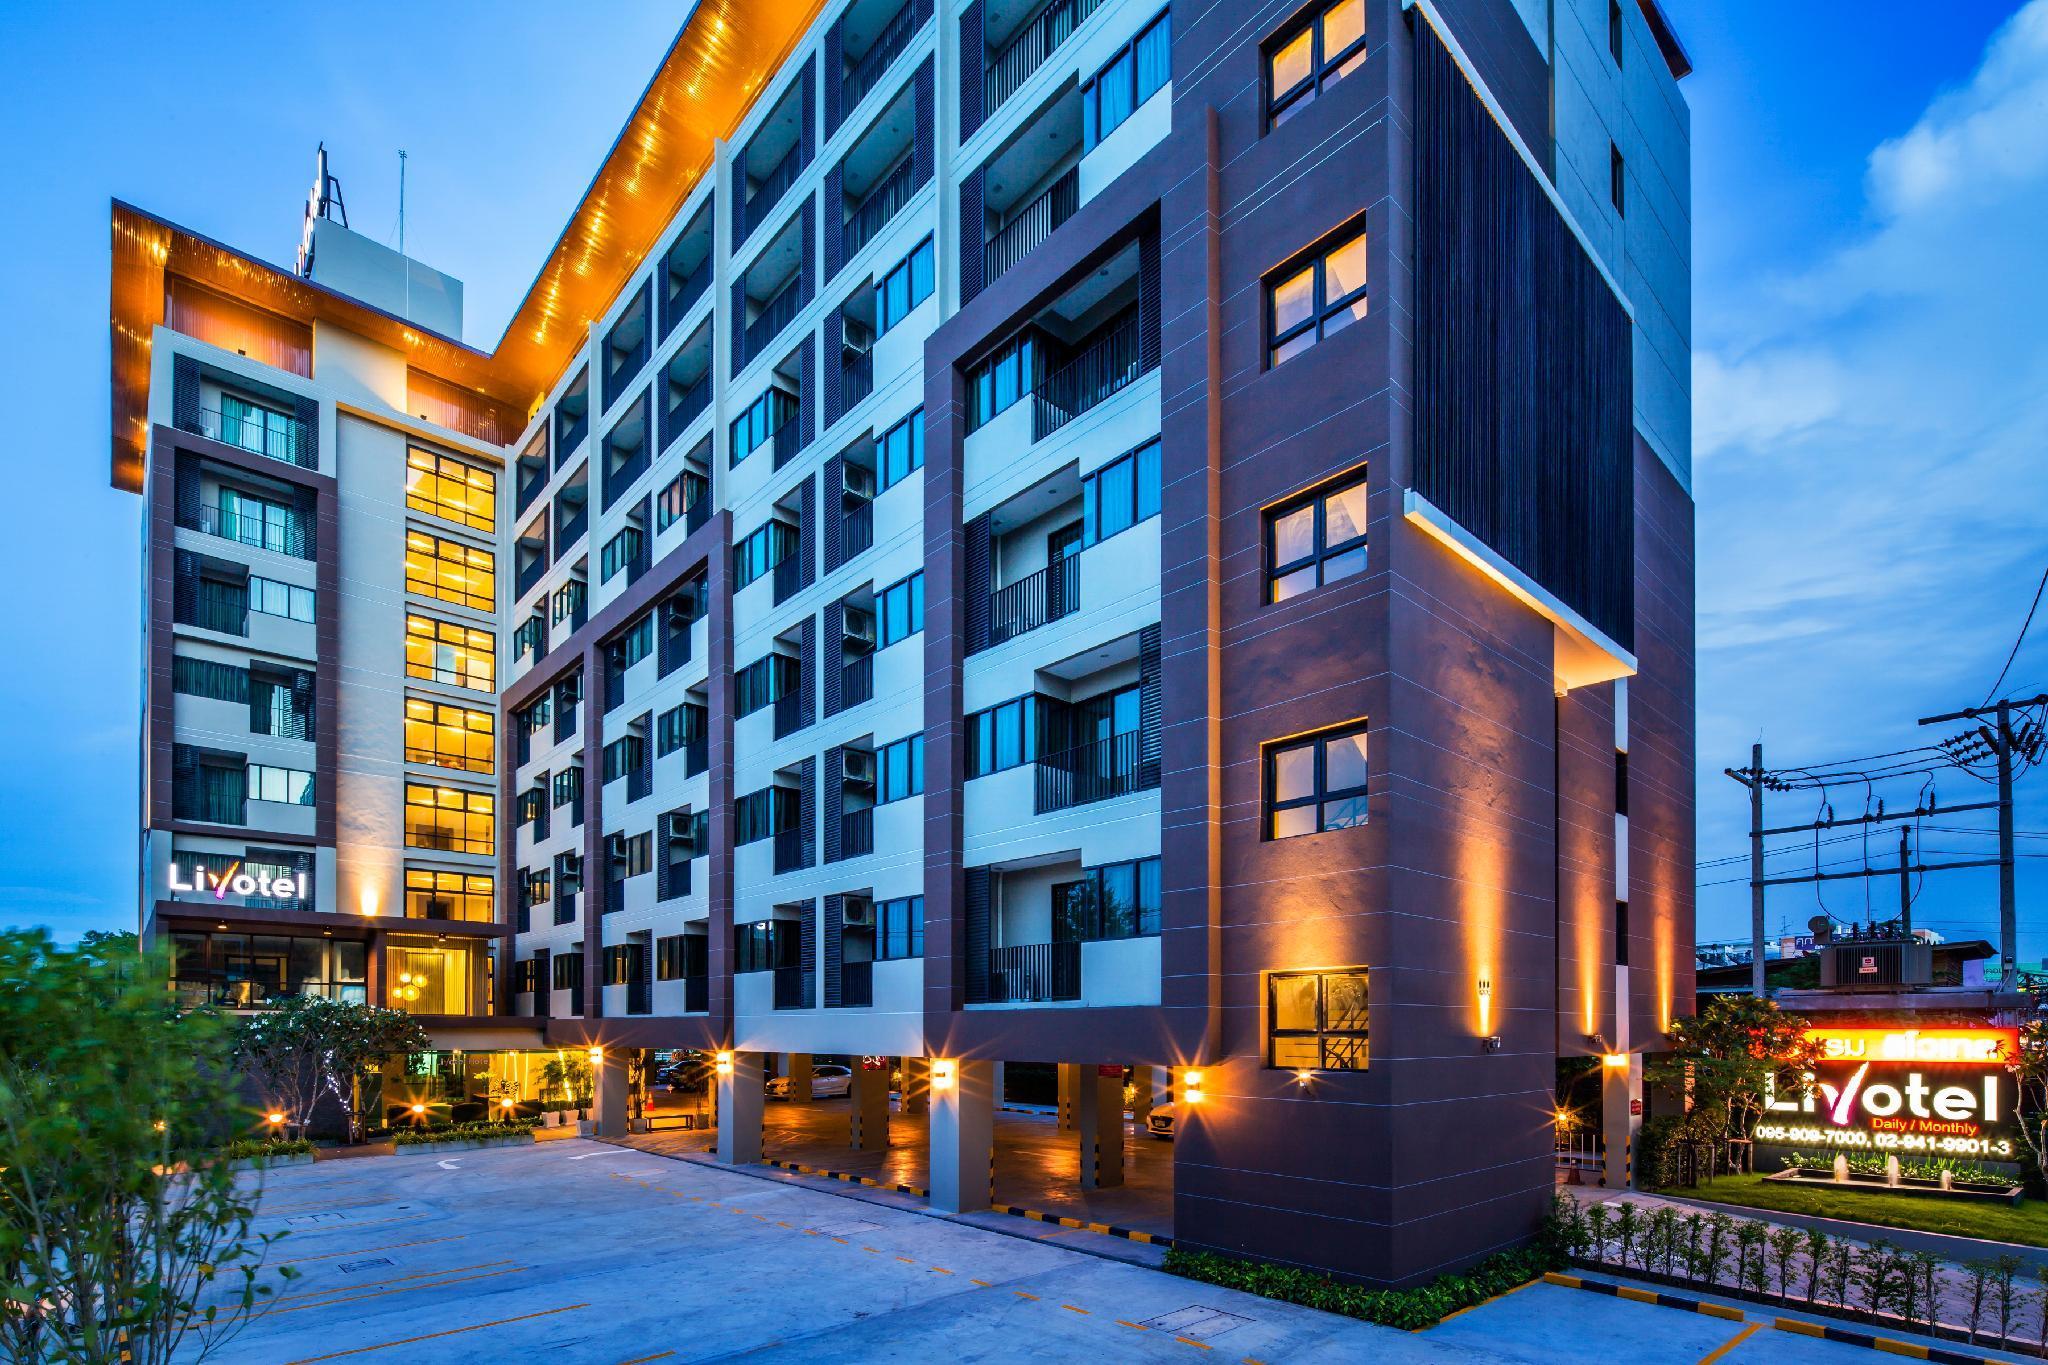 โรงแรม ลิโวเทล เกษตรนวมินทร์ กรุงเทพ